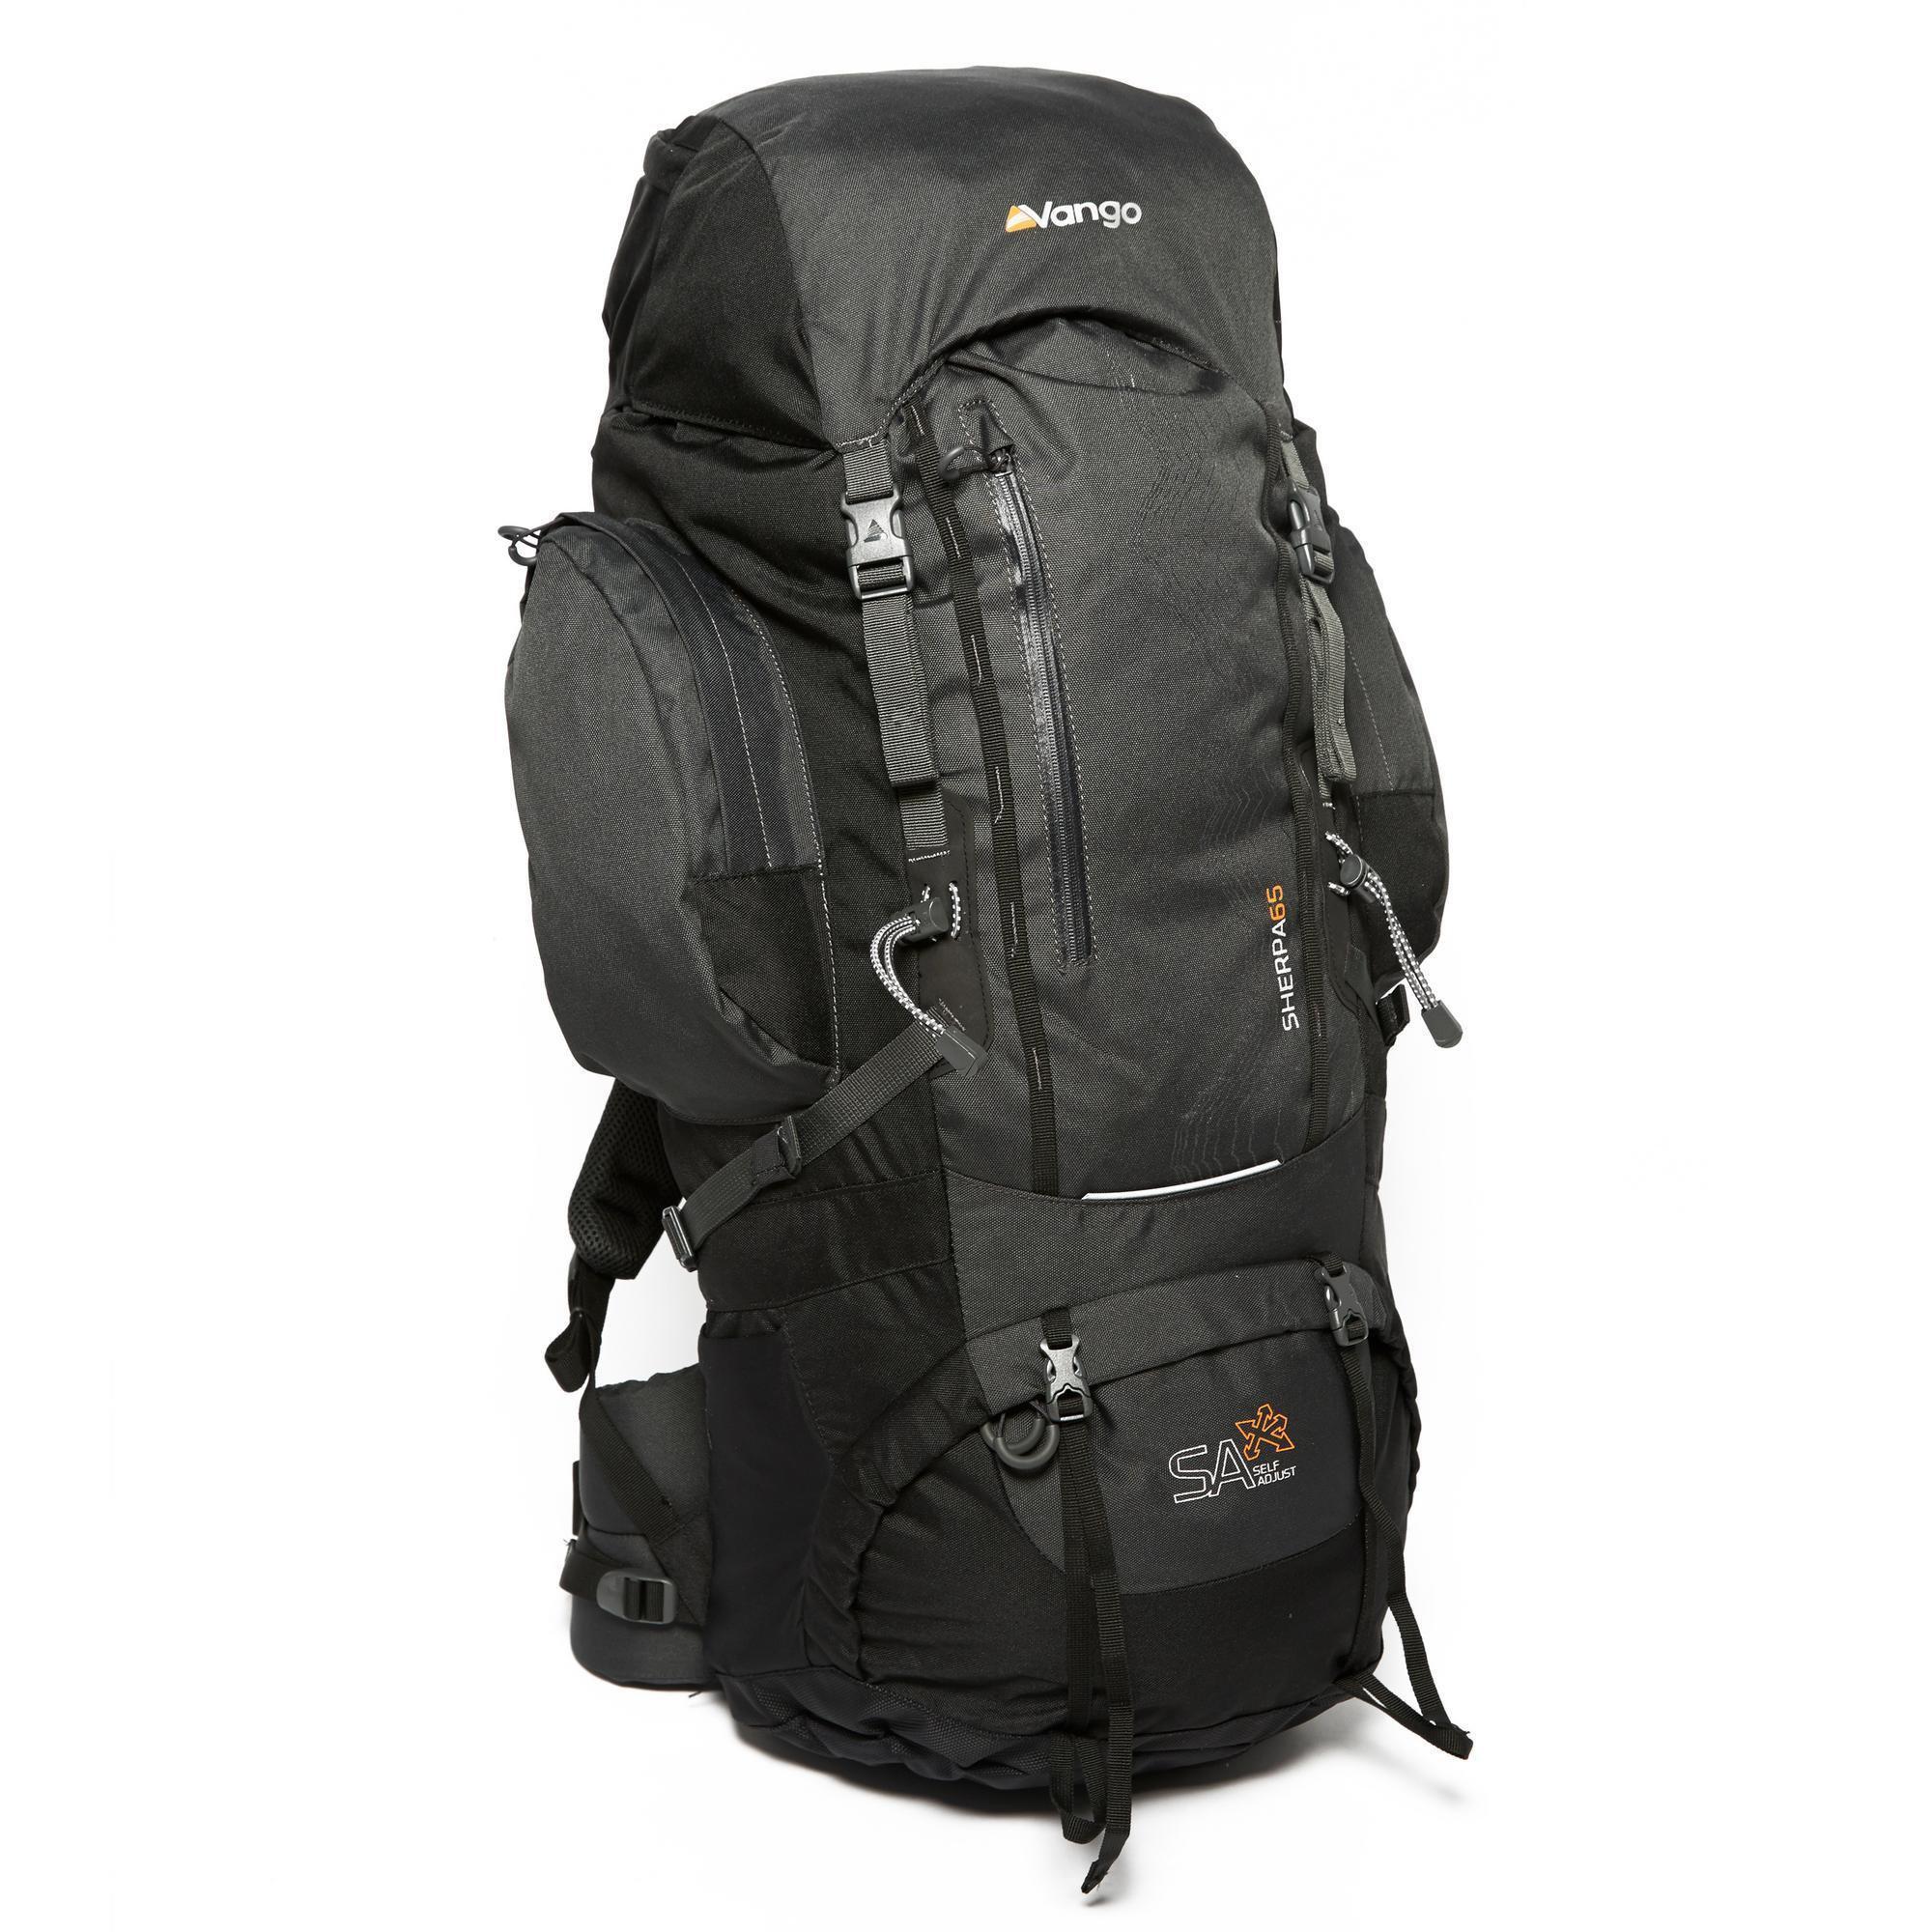 898d912979 Vango Sherpa 65 Litre Trekking Rucksack Black